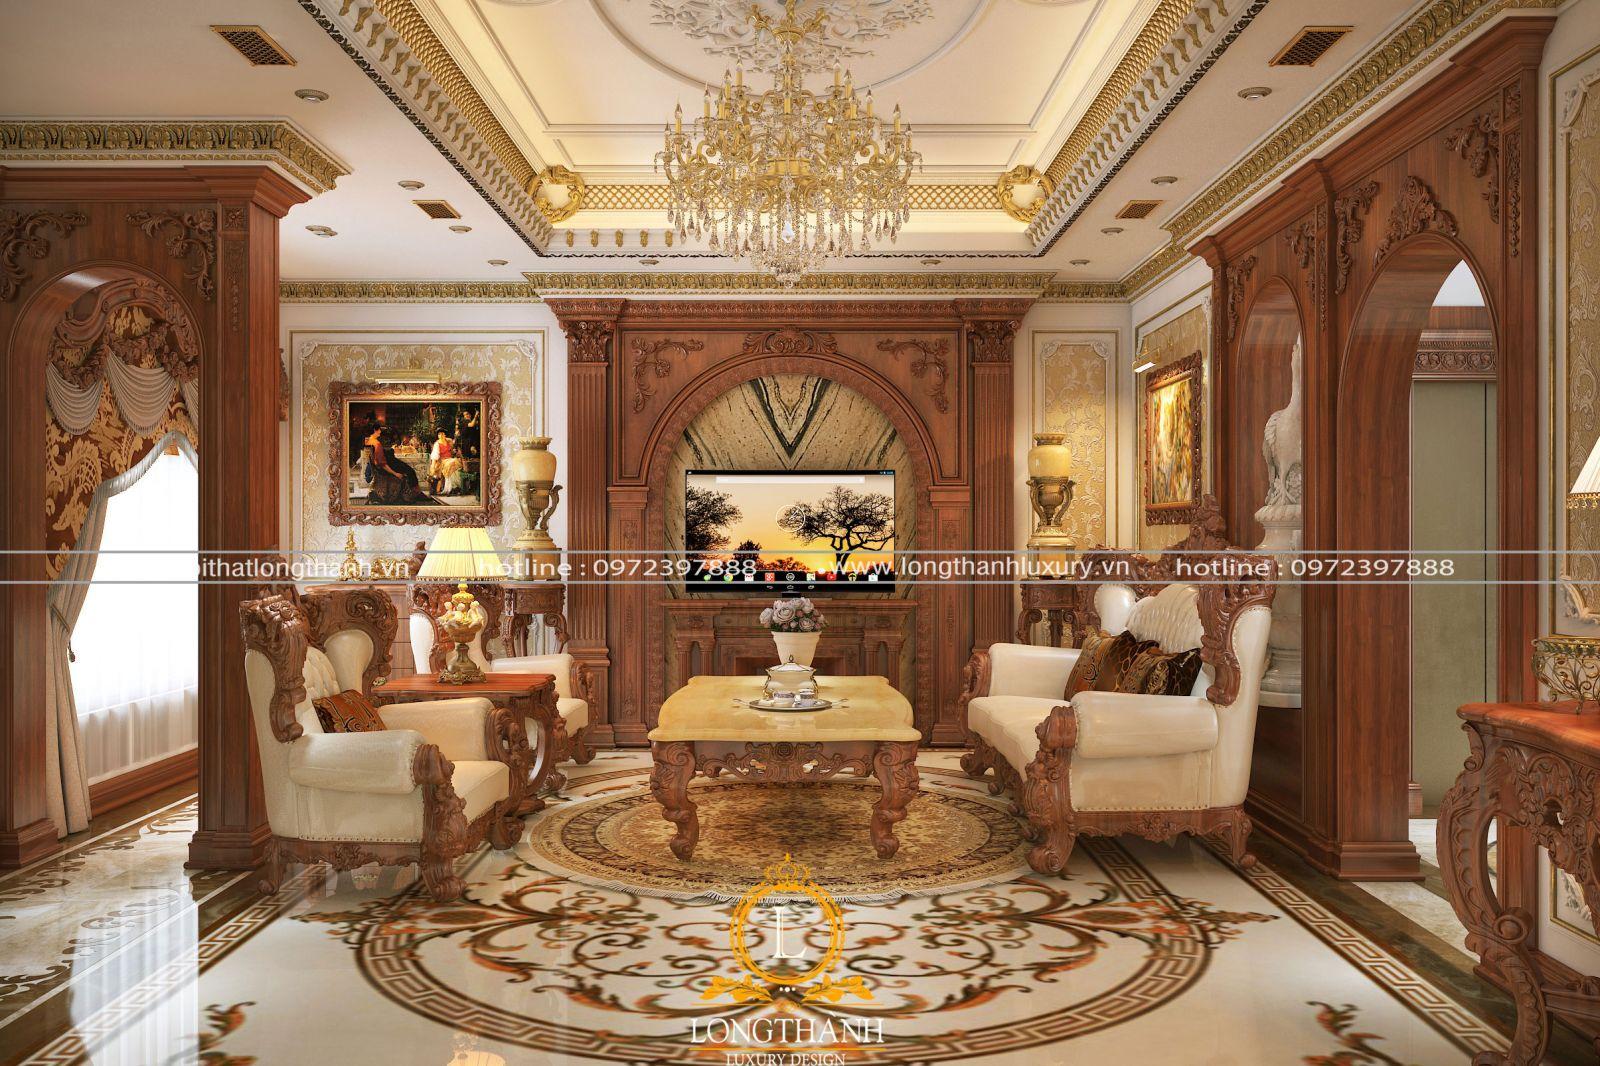 Không gian phòng khách với phong cách tân cổ điển toát lên vẻ đẹp tinh tế